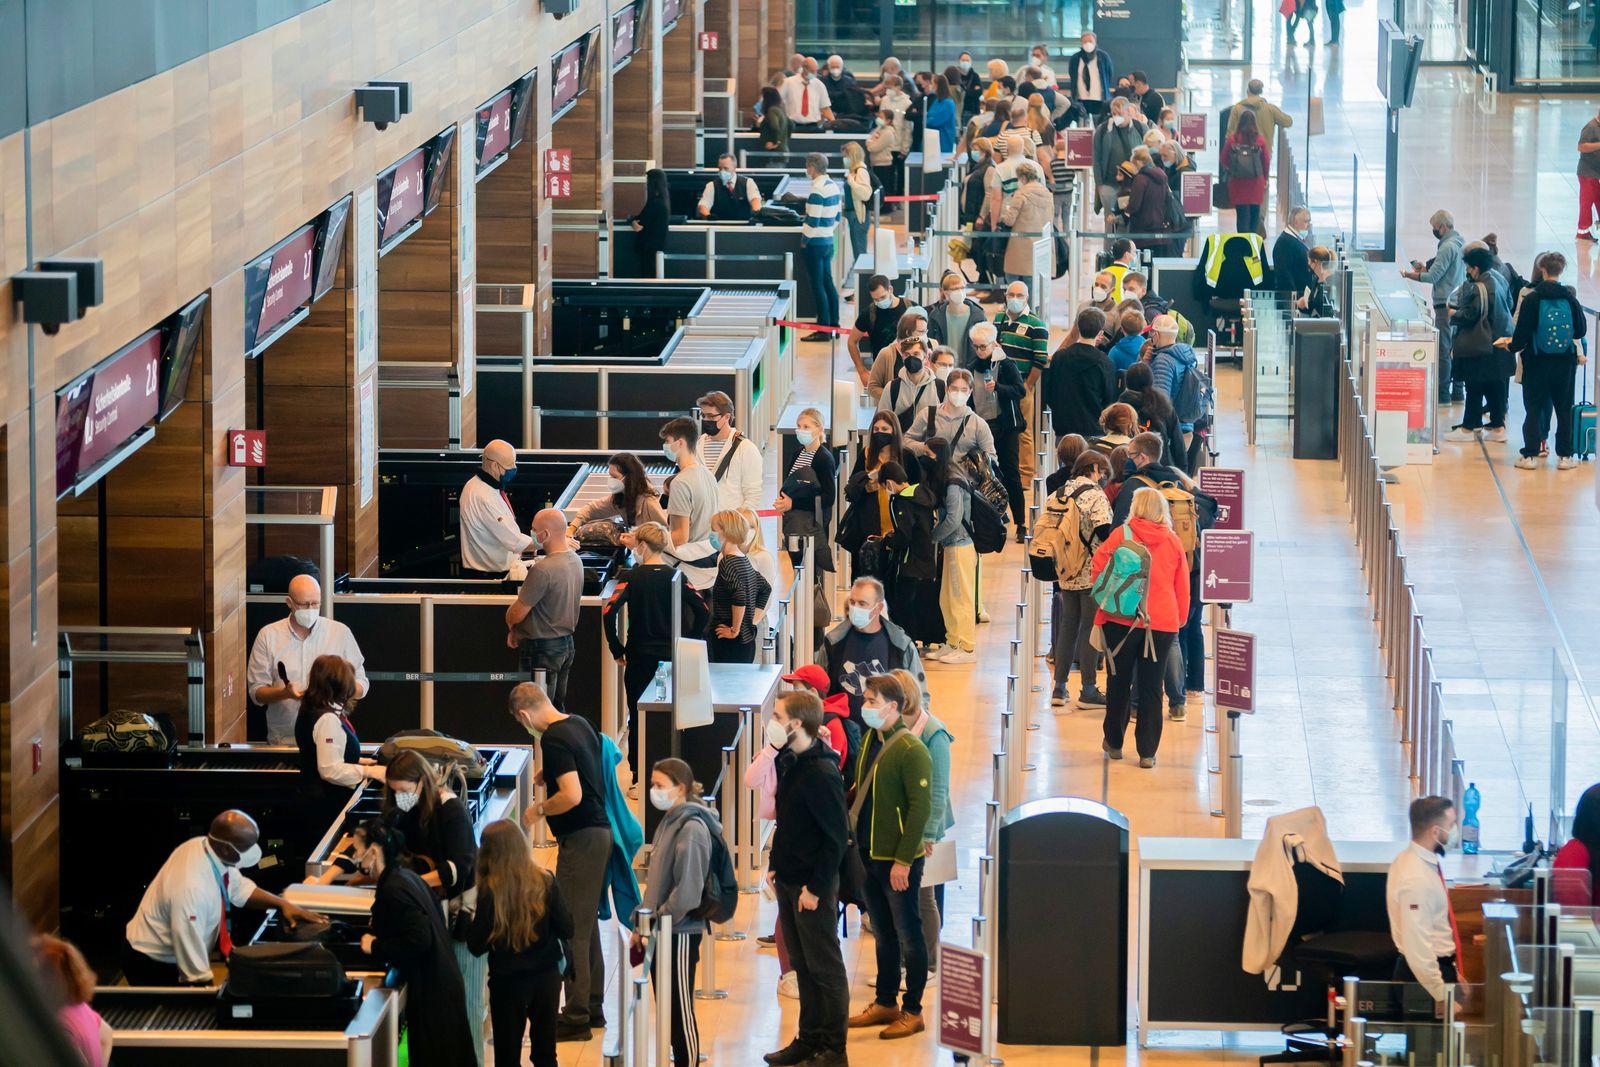 Reisebetrieb zu Beginn der Herbstferien am Flughafen BER